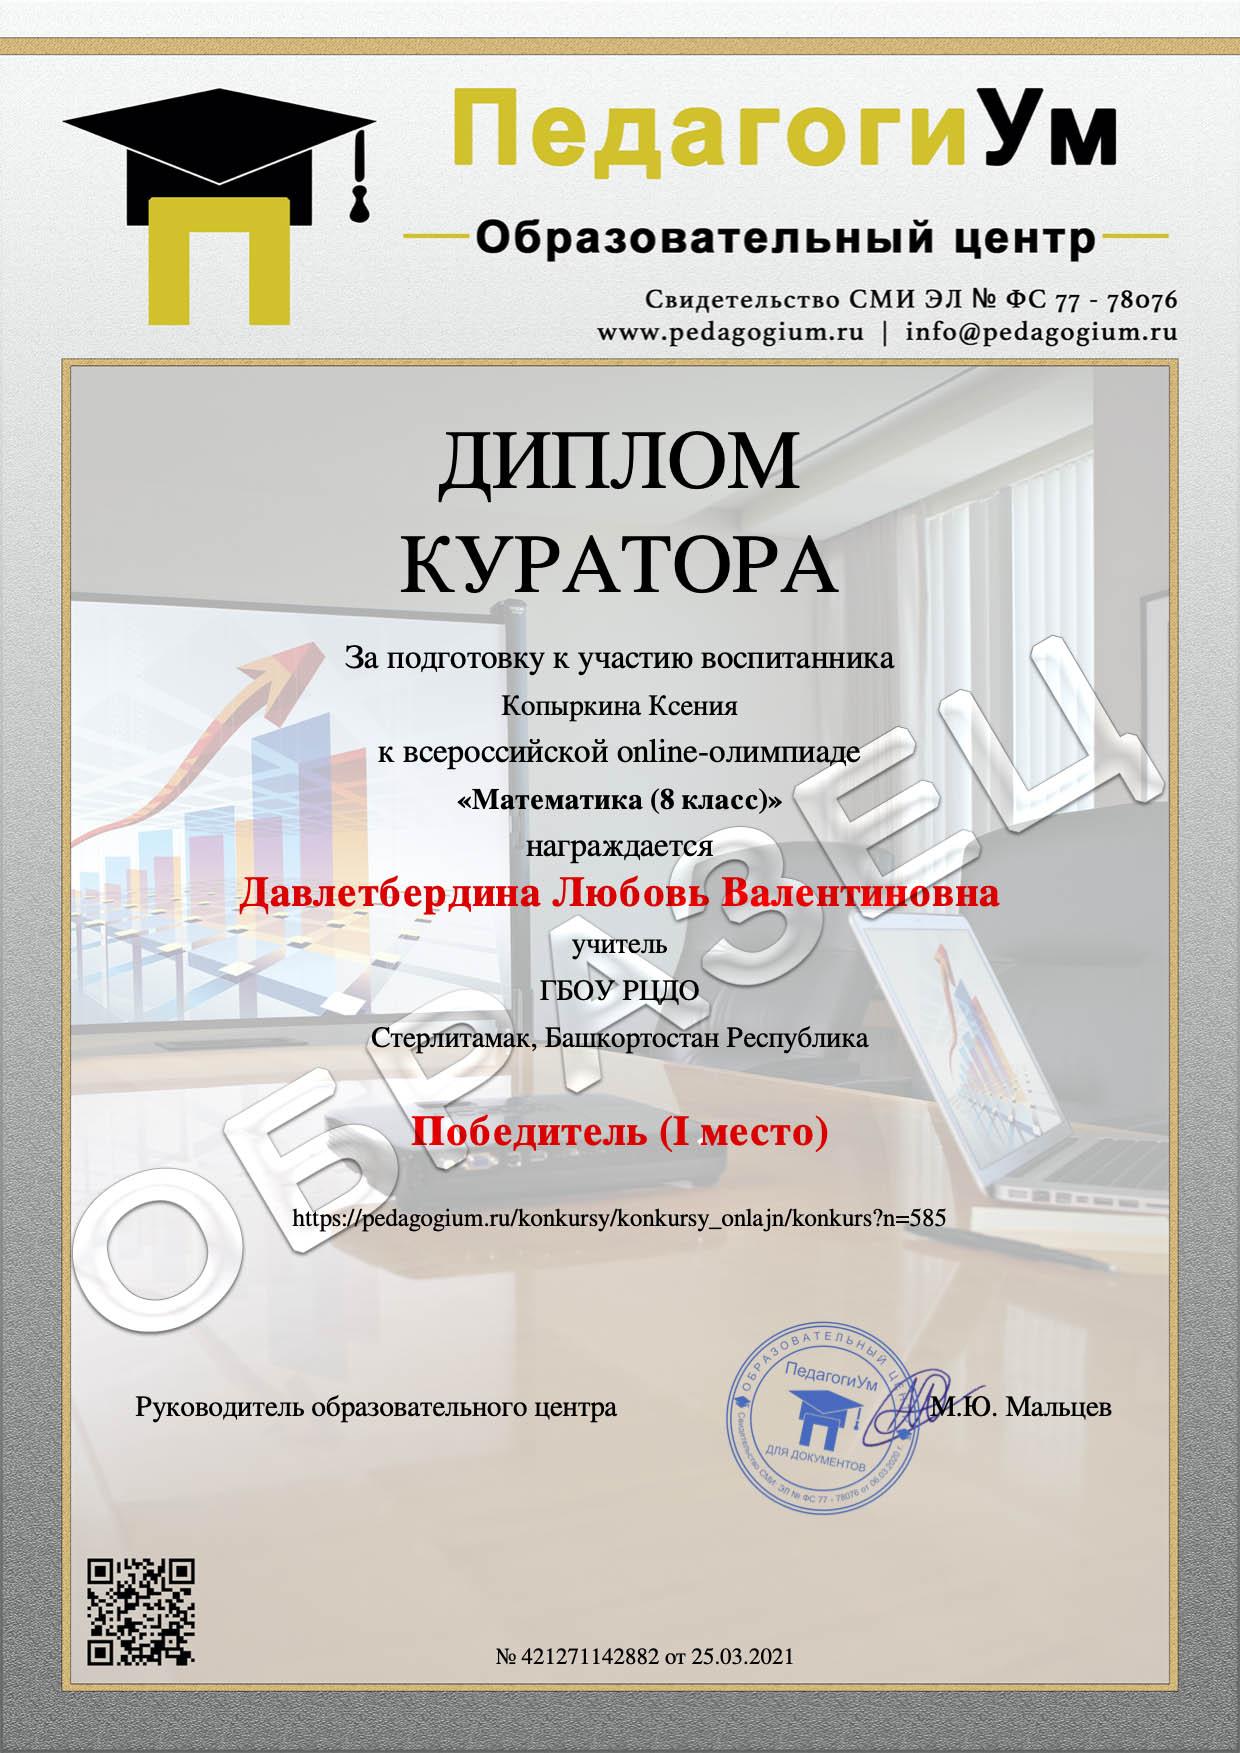 Образец документа педагогу-куратору Онлайн-конкурса центра ПедагогиУм.